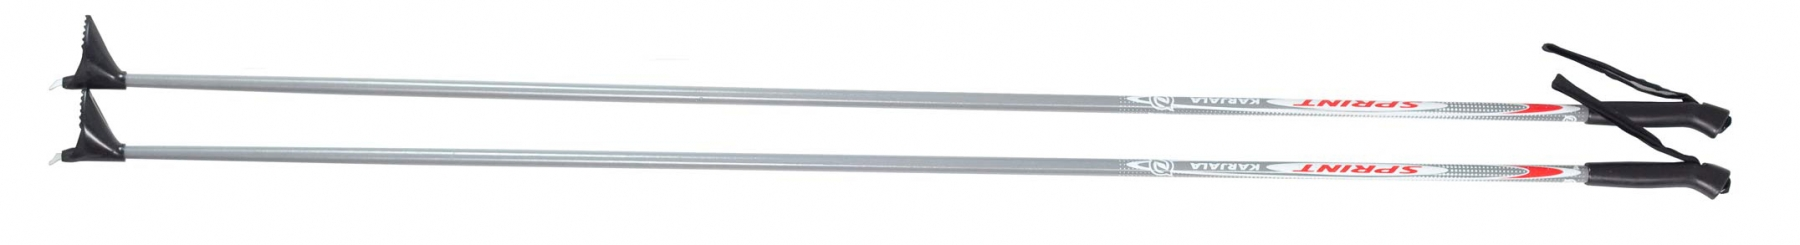 Палки для беговых лыж Sprint 110-120см